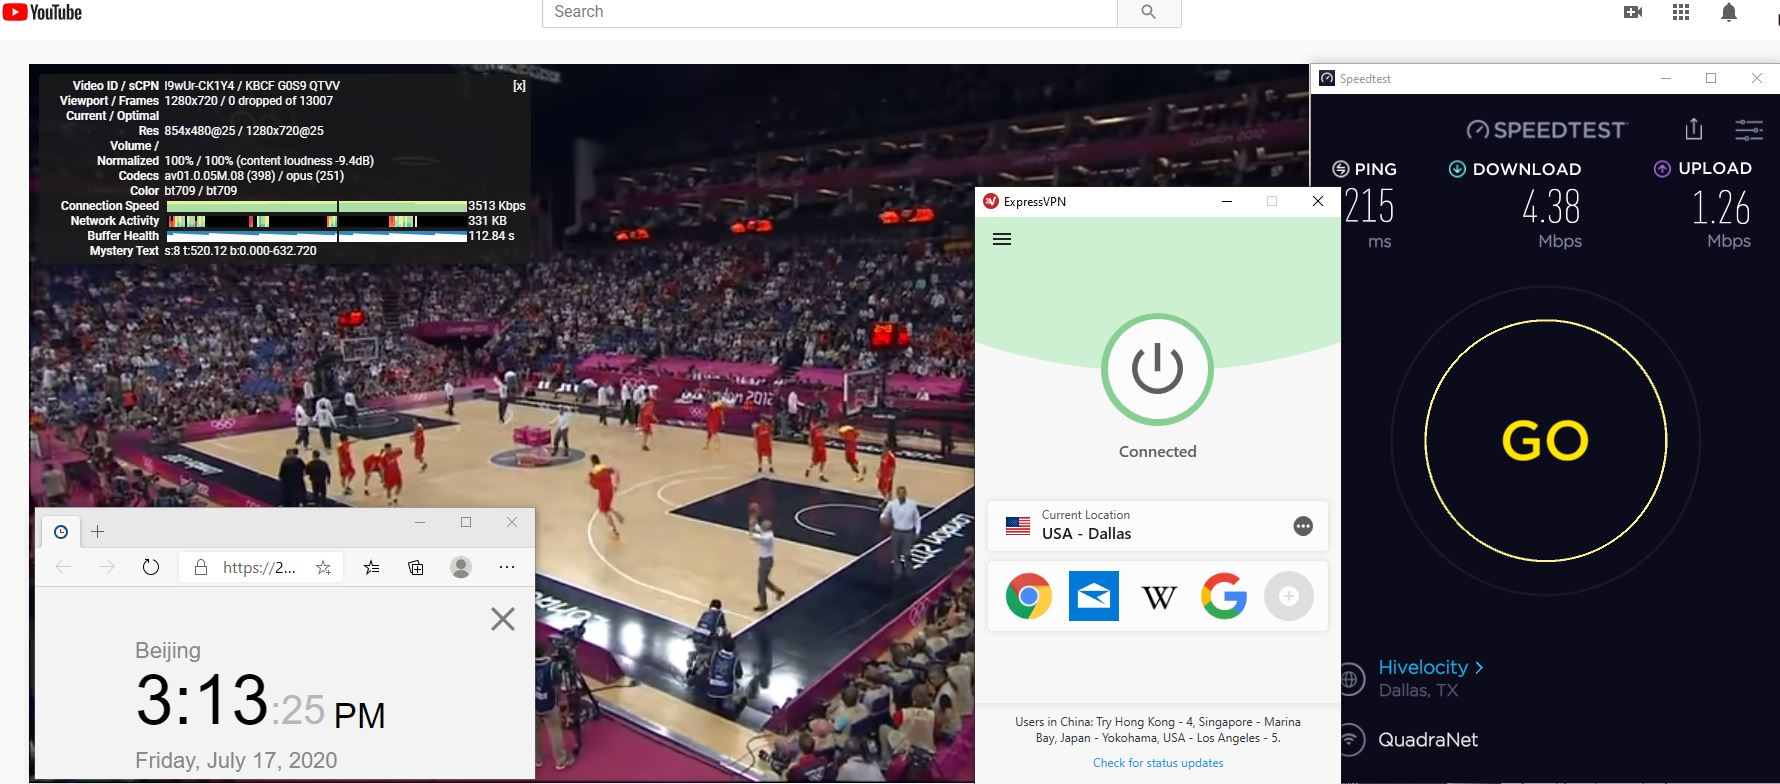 Windows10 ExpressVPN IKEv2 USA - Dallas 中国VPN 翻墙 科学上网 测速-20200717